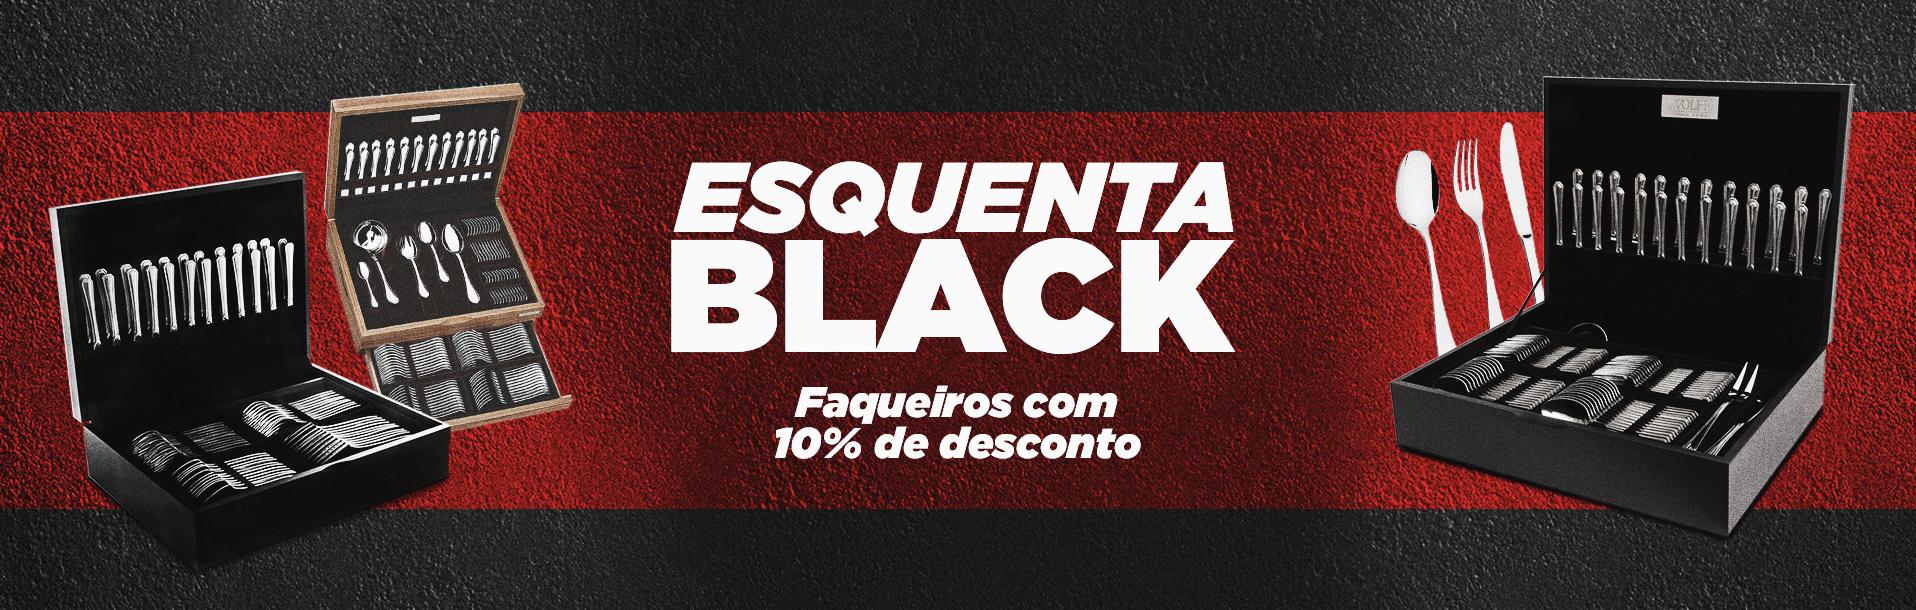 Black faqueiros